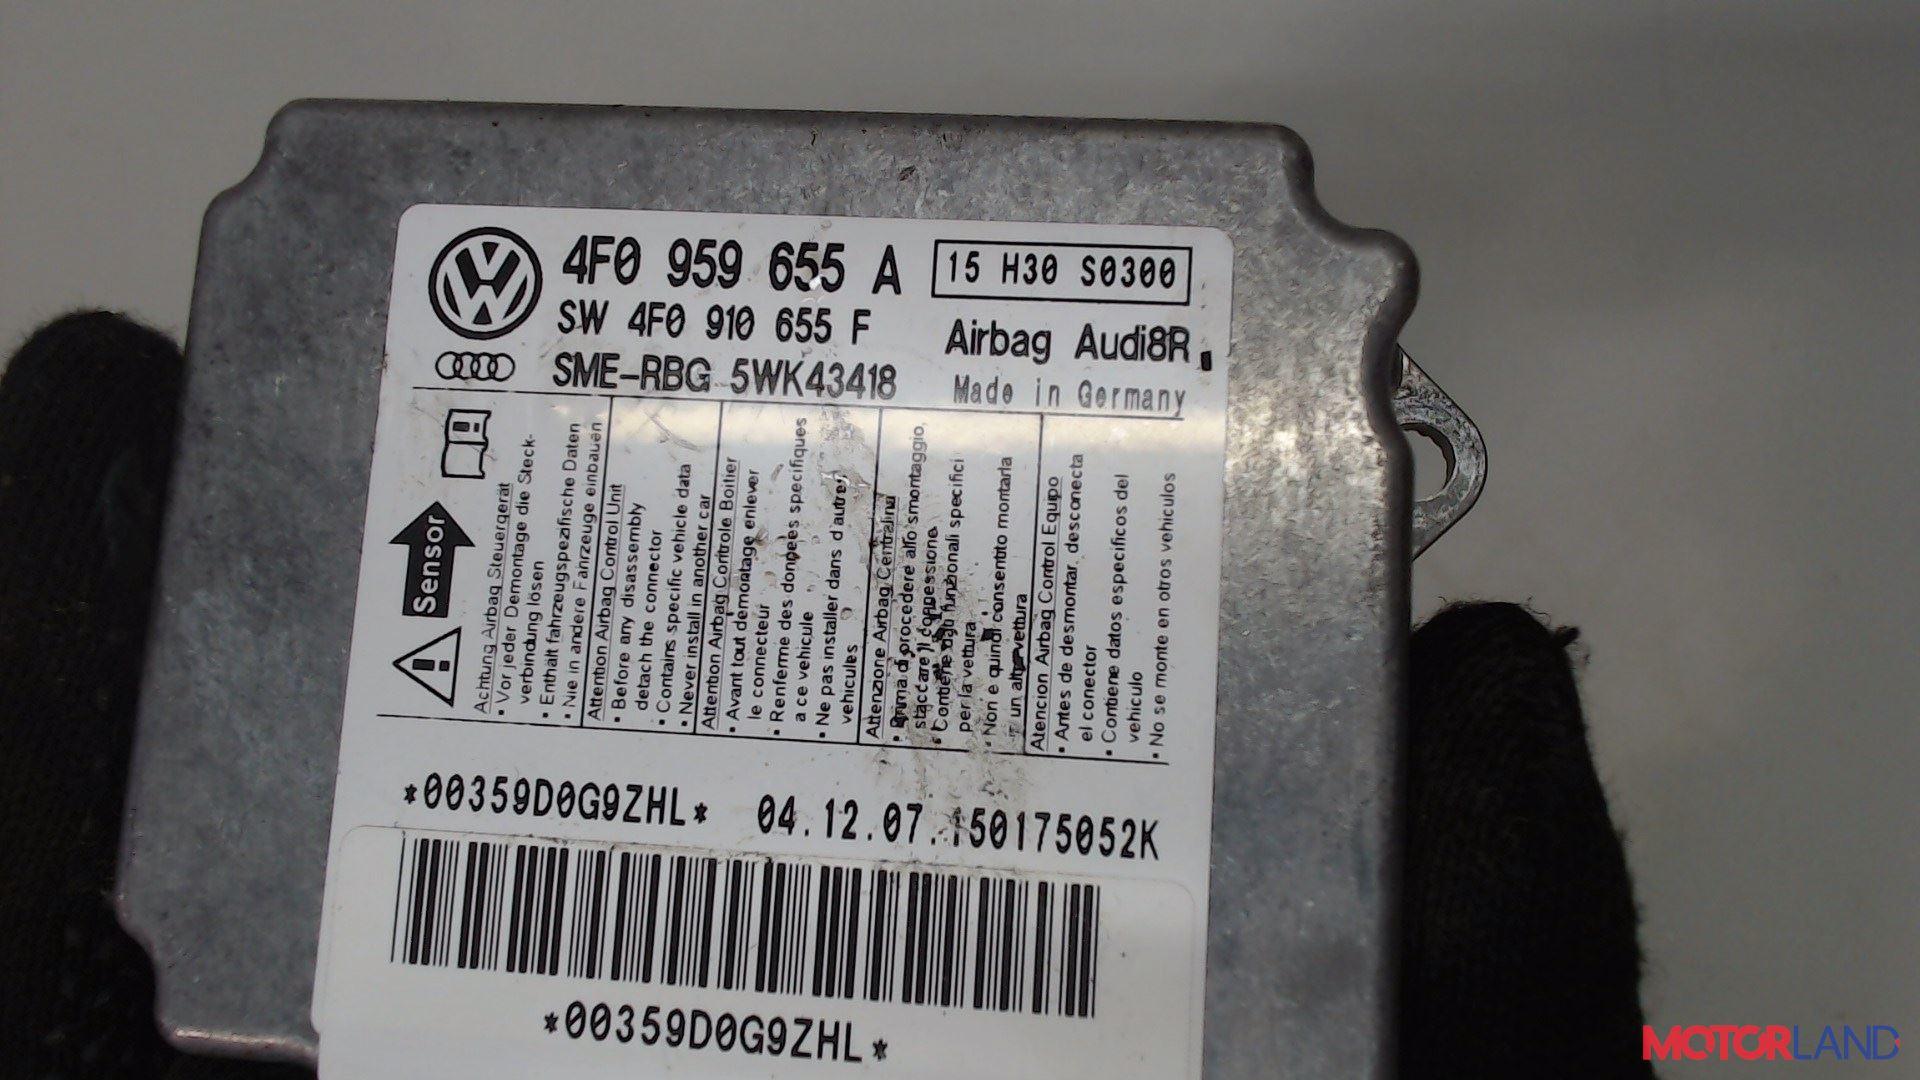 Блок управления (ЭБУ) Audi A6 (C6) 2005-2011 3.2 л. 2007 BKH б/у #4